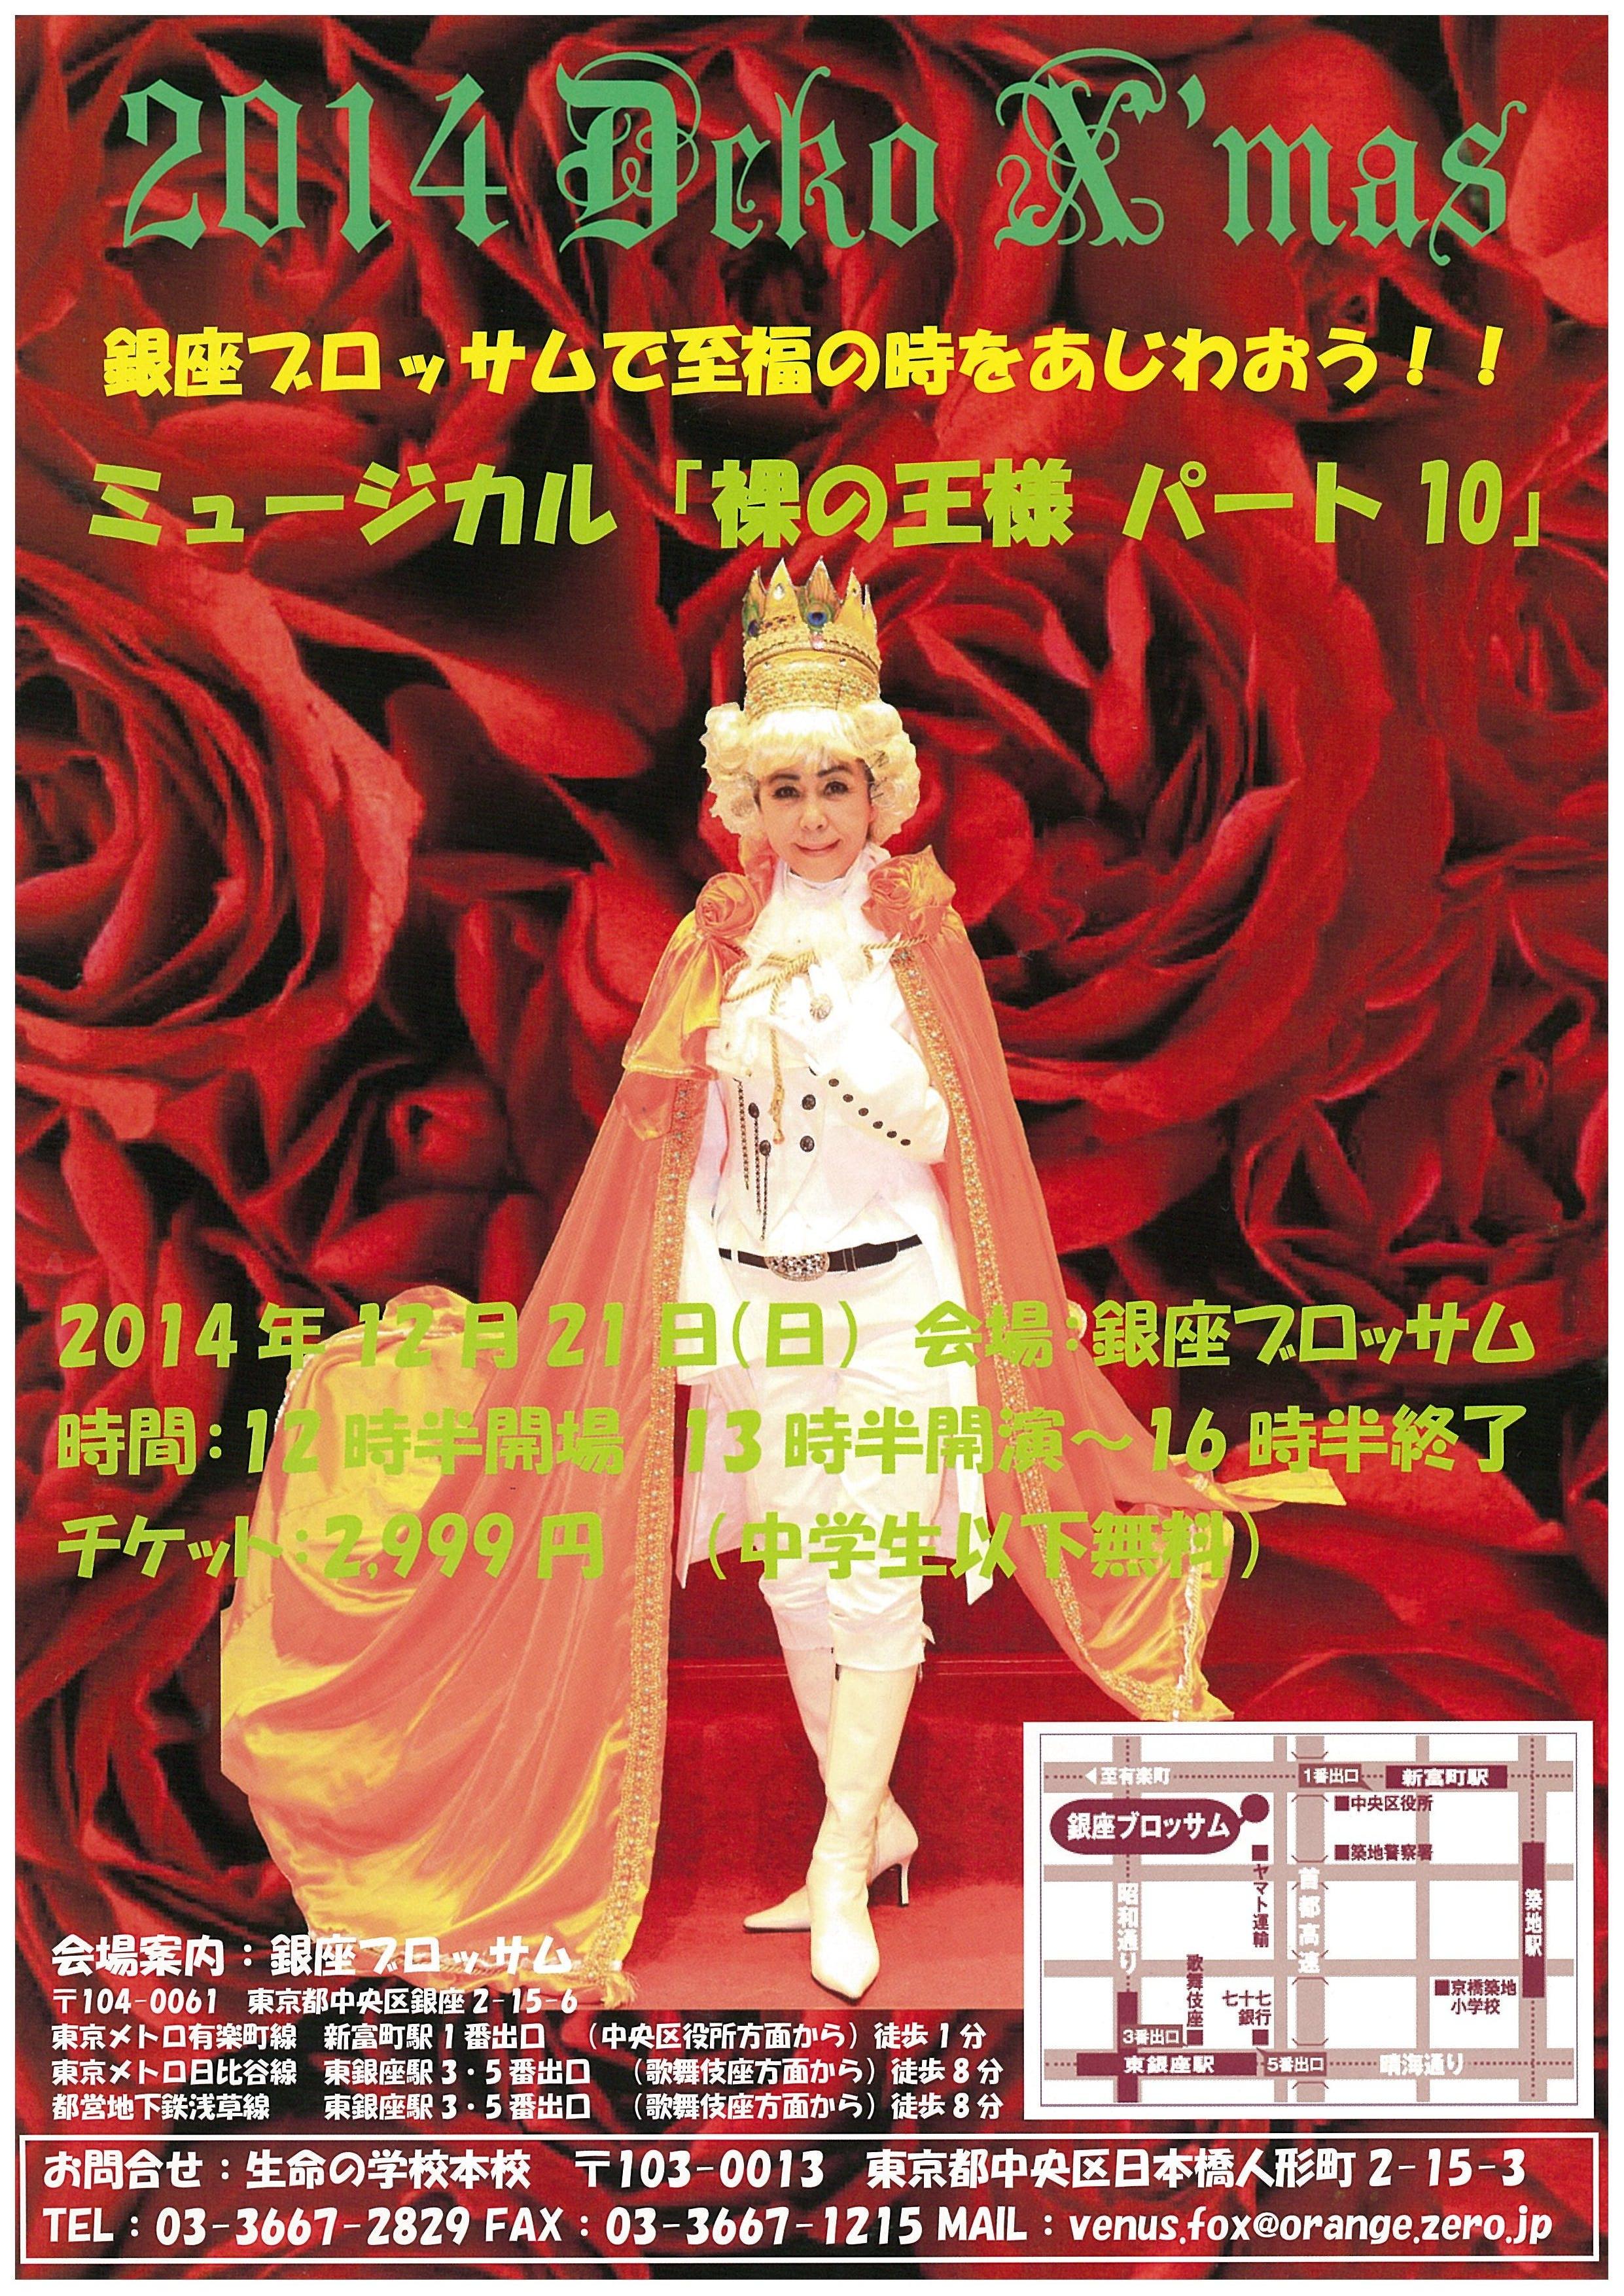 デコクリスマスミュージカル「裸の王様 パート10」